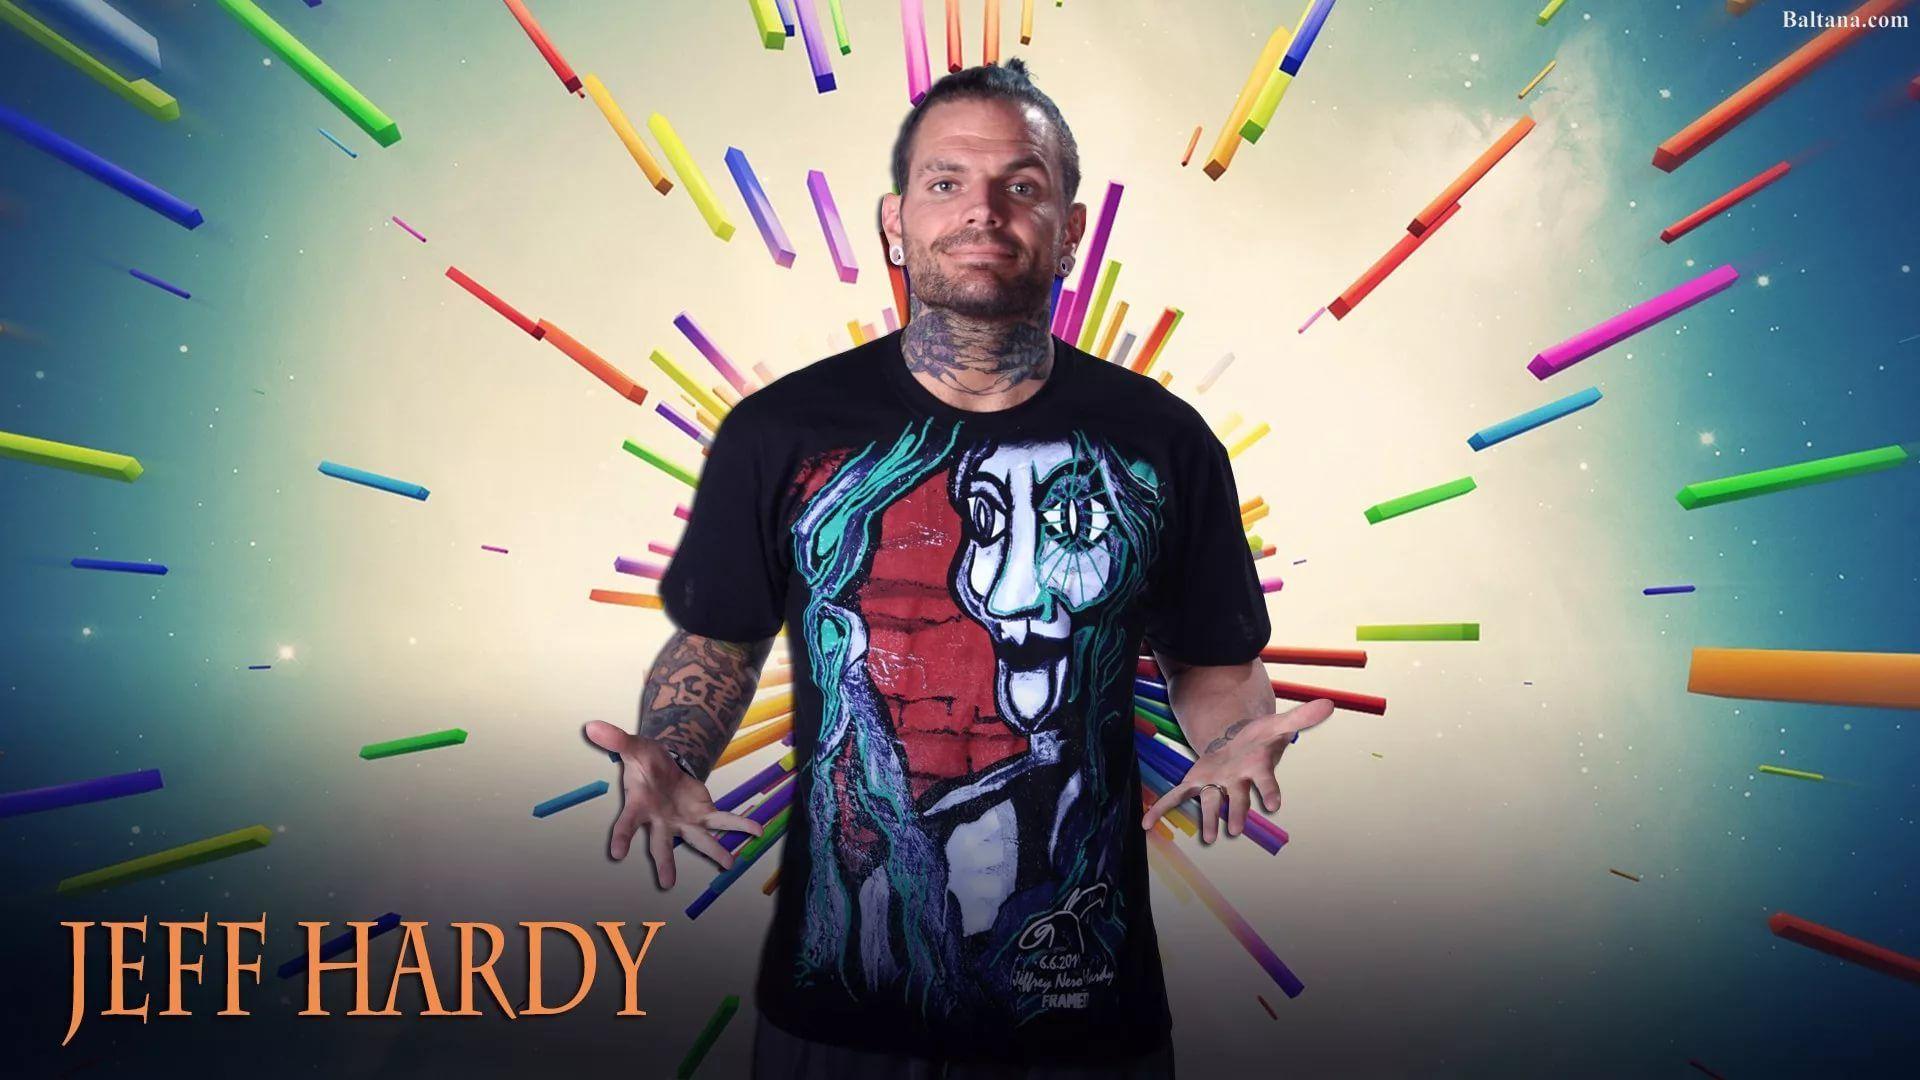 Jeff Hardy good wallpaper hd